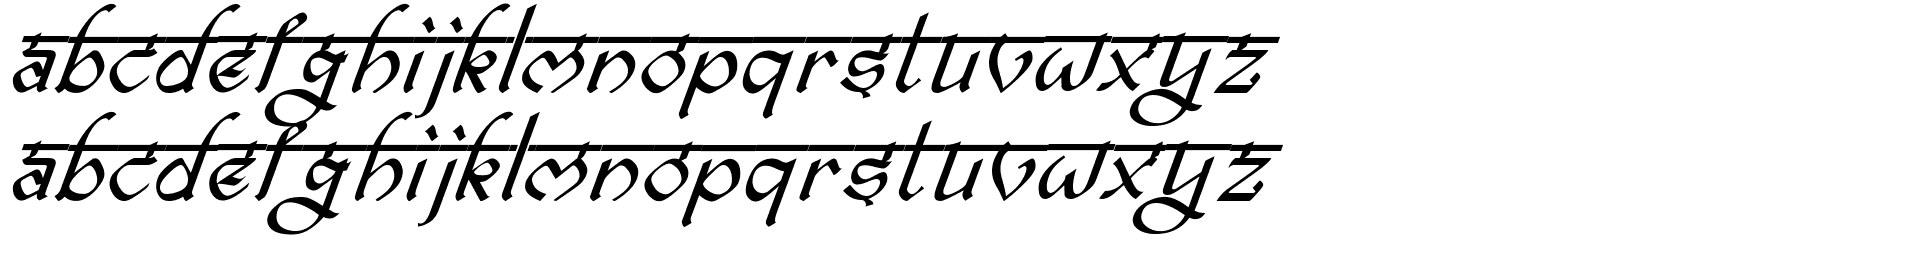 bitling ravish Italic